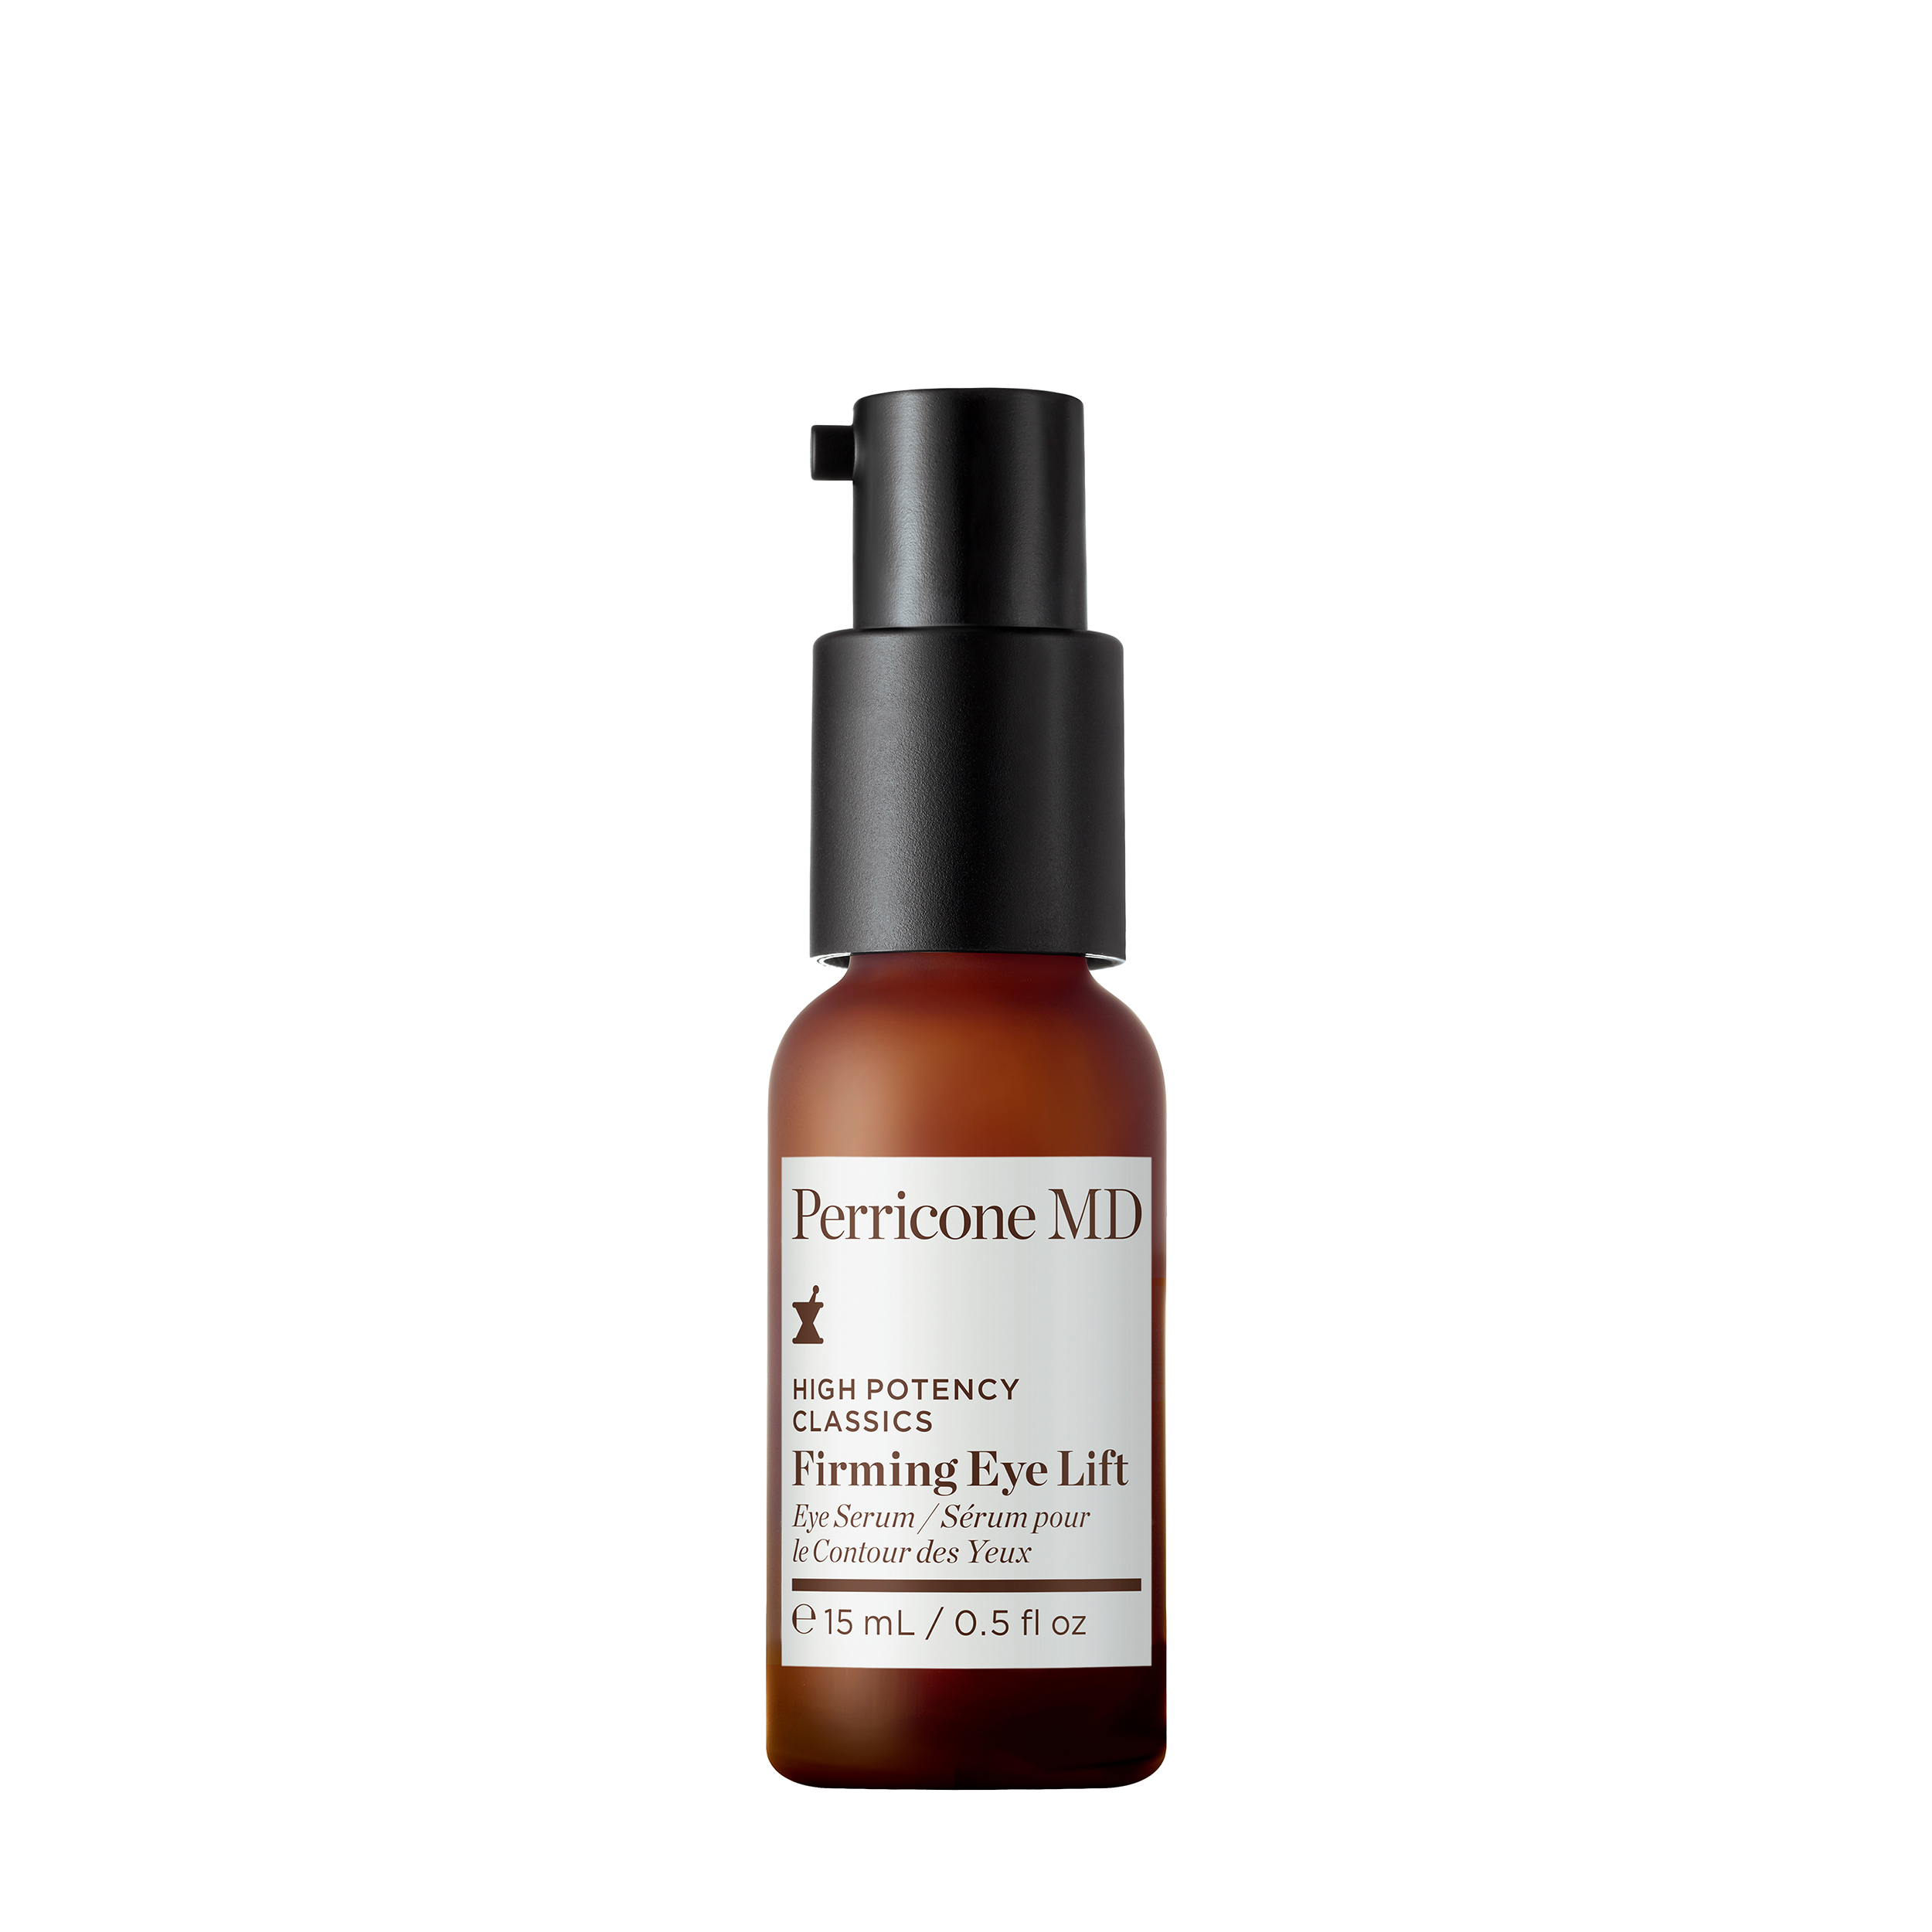 Perricone MD Интенсивная разглаживающая и укрепляющая сыворотка для глаз 15 мл фото